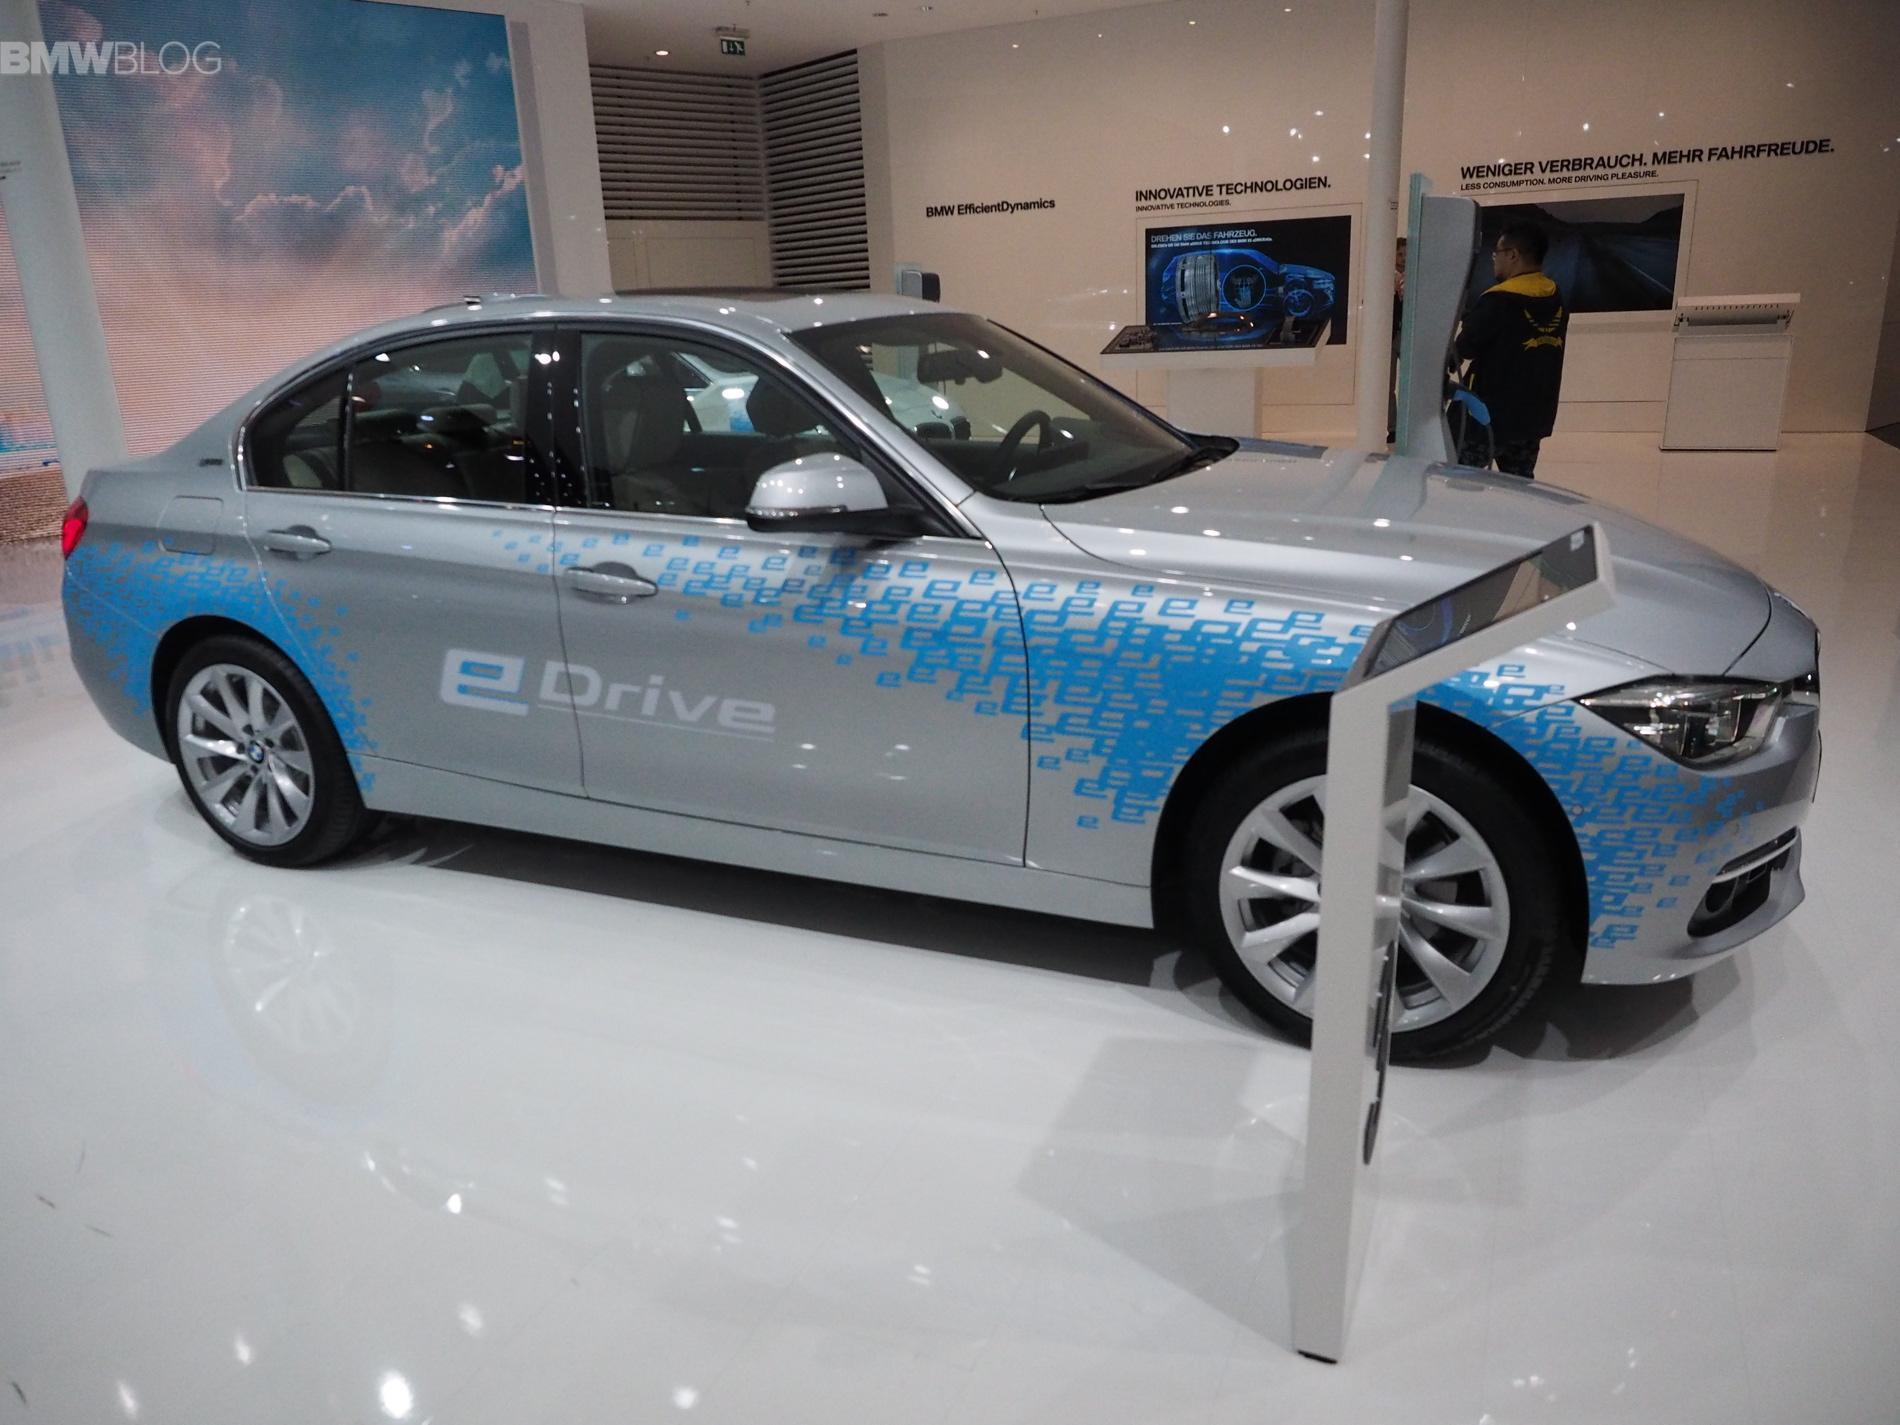 BMW 330e images 1900x1200 20